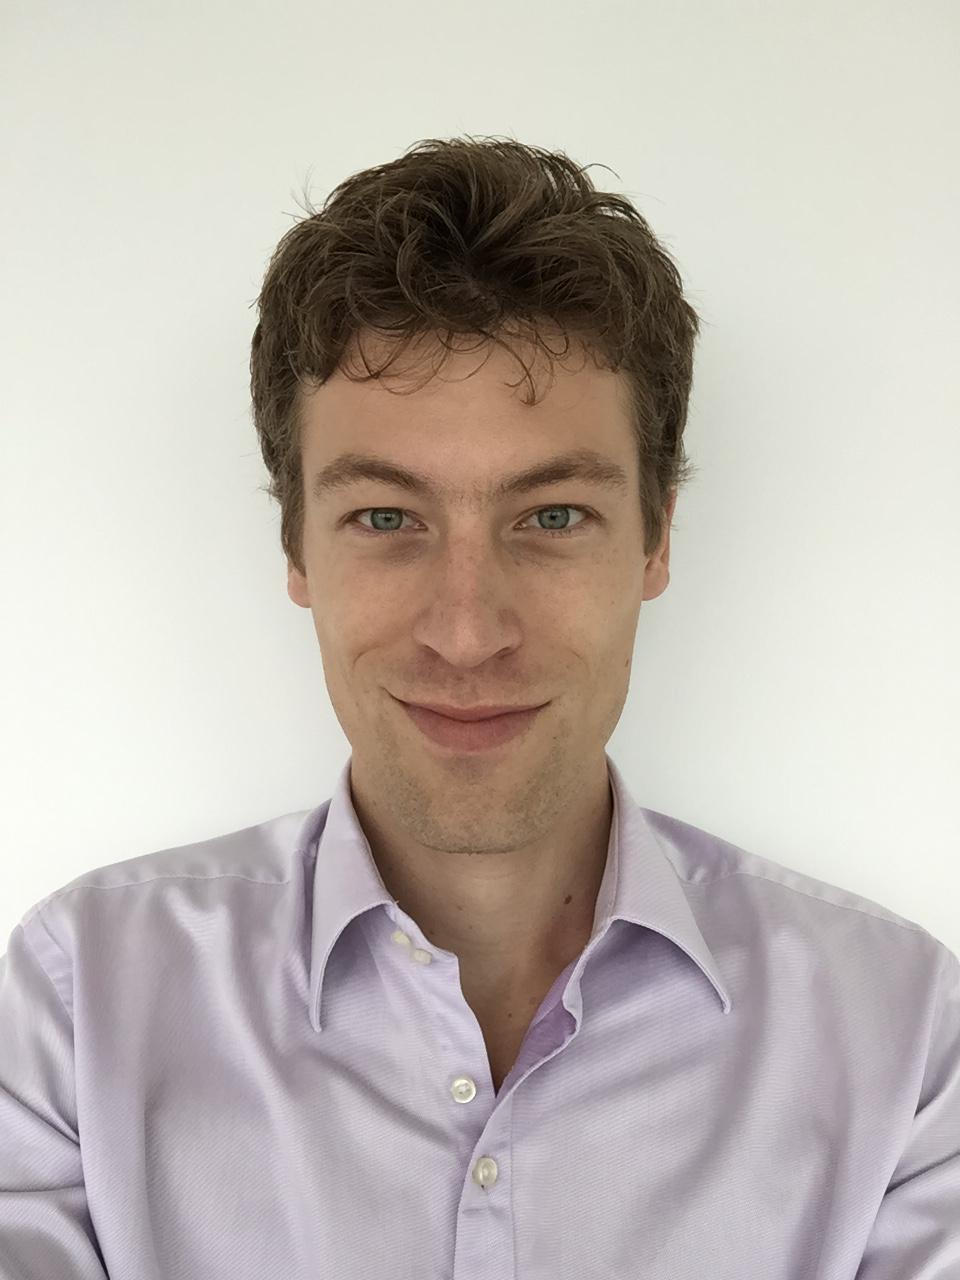 Netherlands Embassy Policy Officer Jasper van Mastrigt